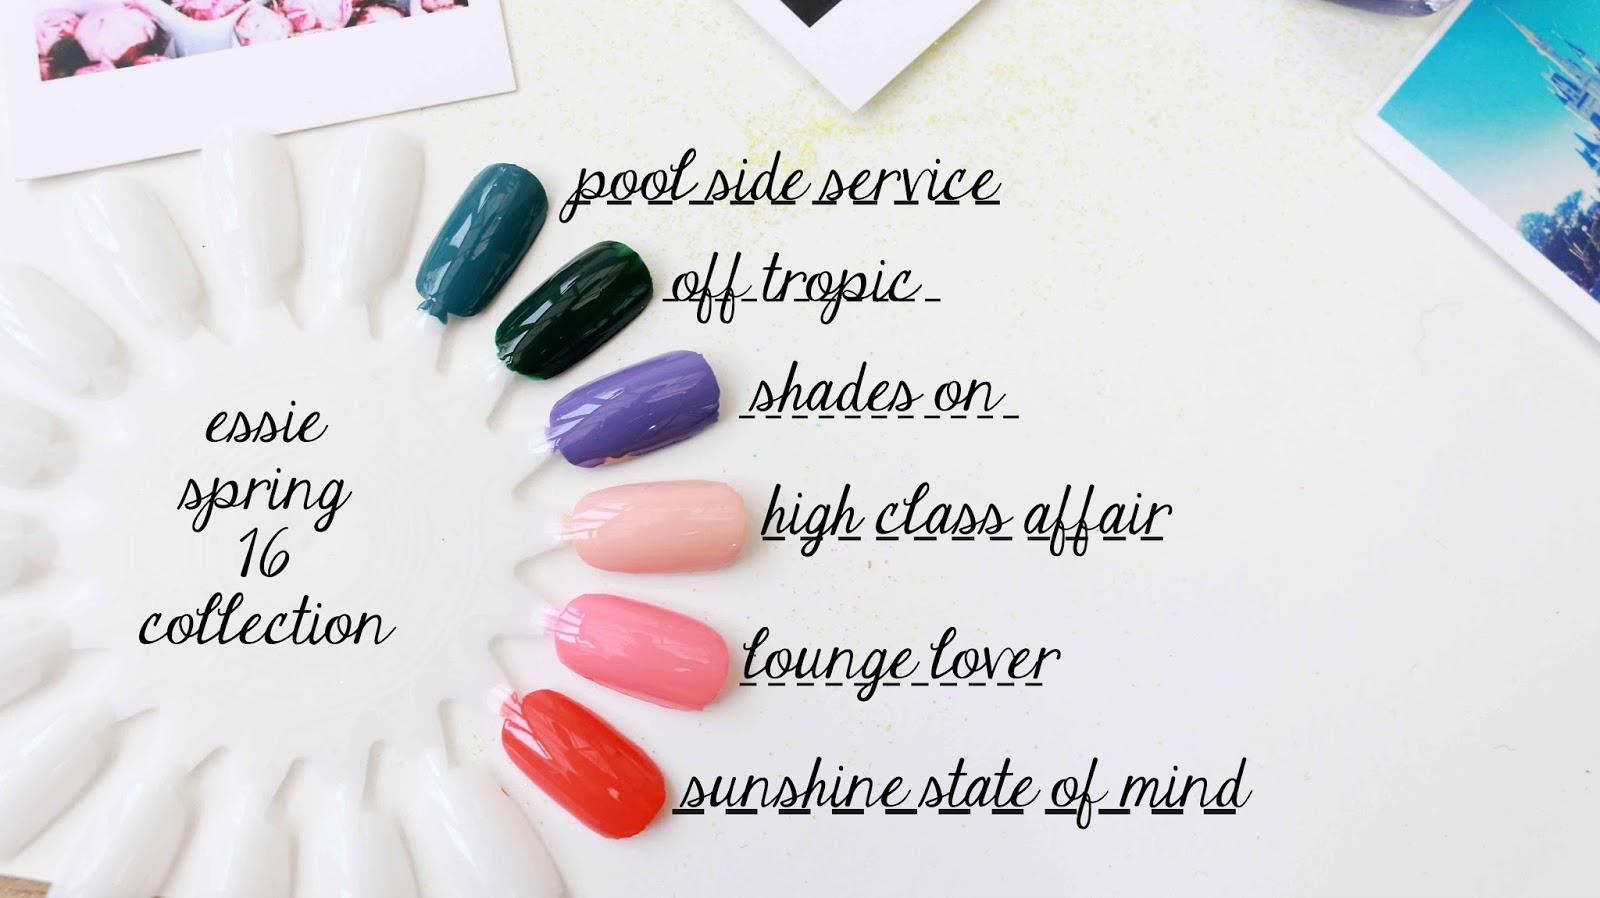 Beauty, Nail Polish, Essie, Essie Spring 2016, Essie Spring 2016 Swatches, spring nail polish, Spring Beauty, Drugstore,